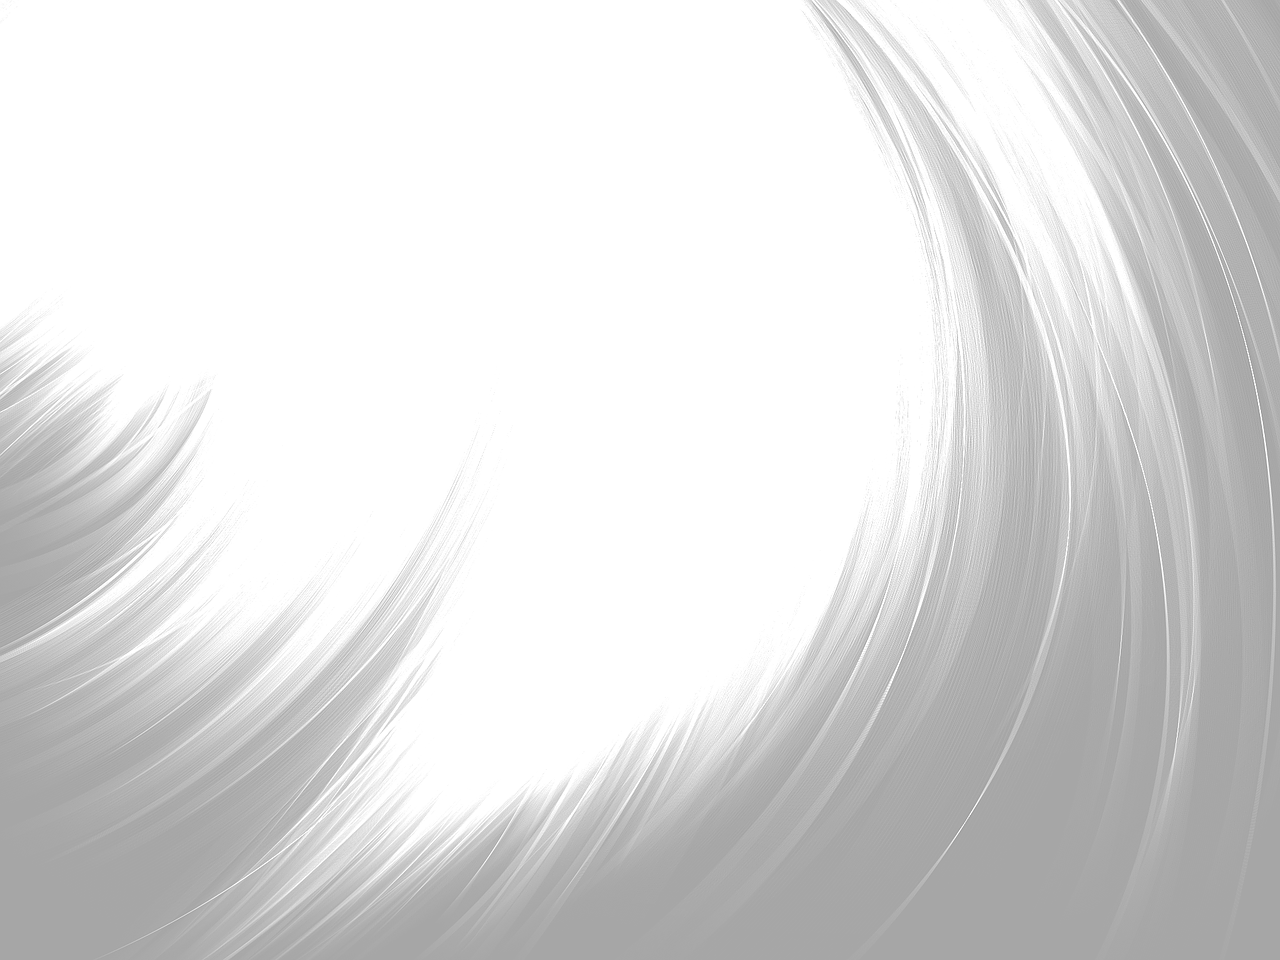 Résumé Lignes Gris - Image gratuite sur Pixabay